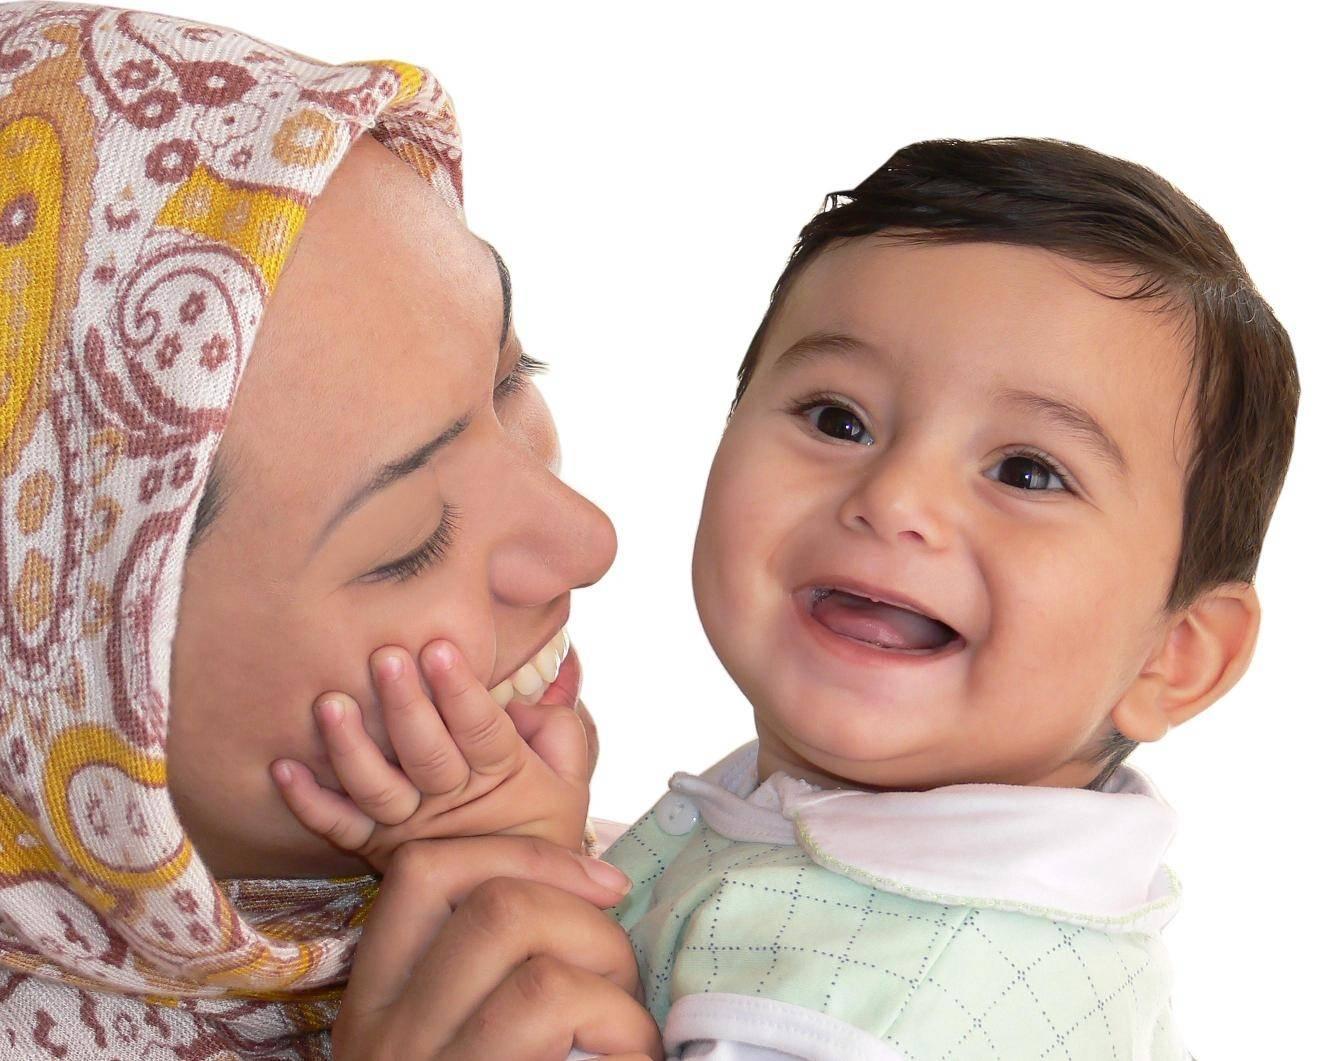 نکات مهمی درباره فریز کردن و نگهداری شیر مادر